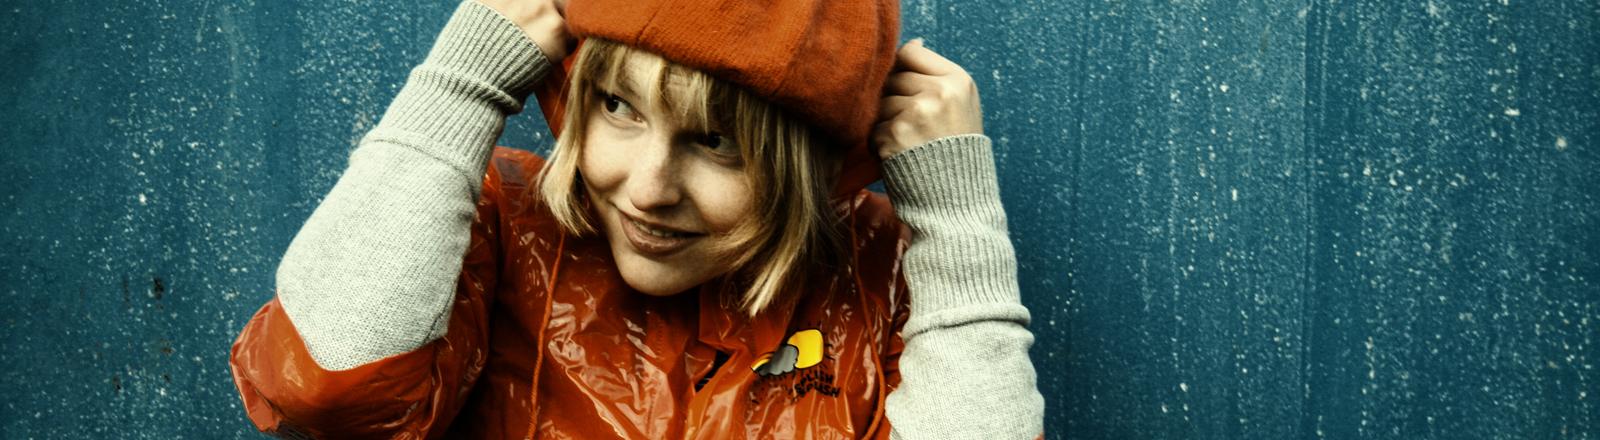 Eine Frau schützt sich vor dem Regen.